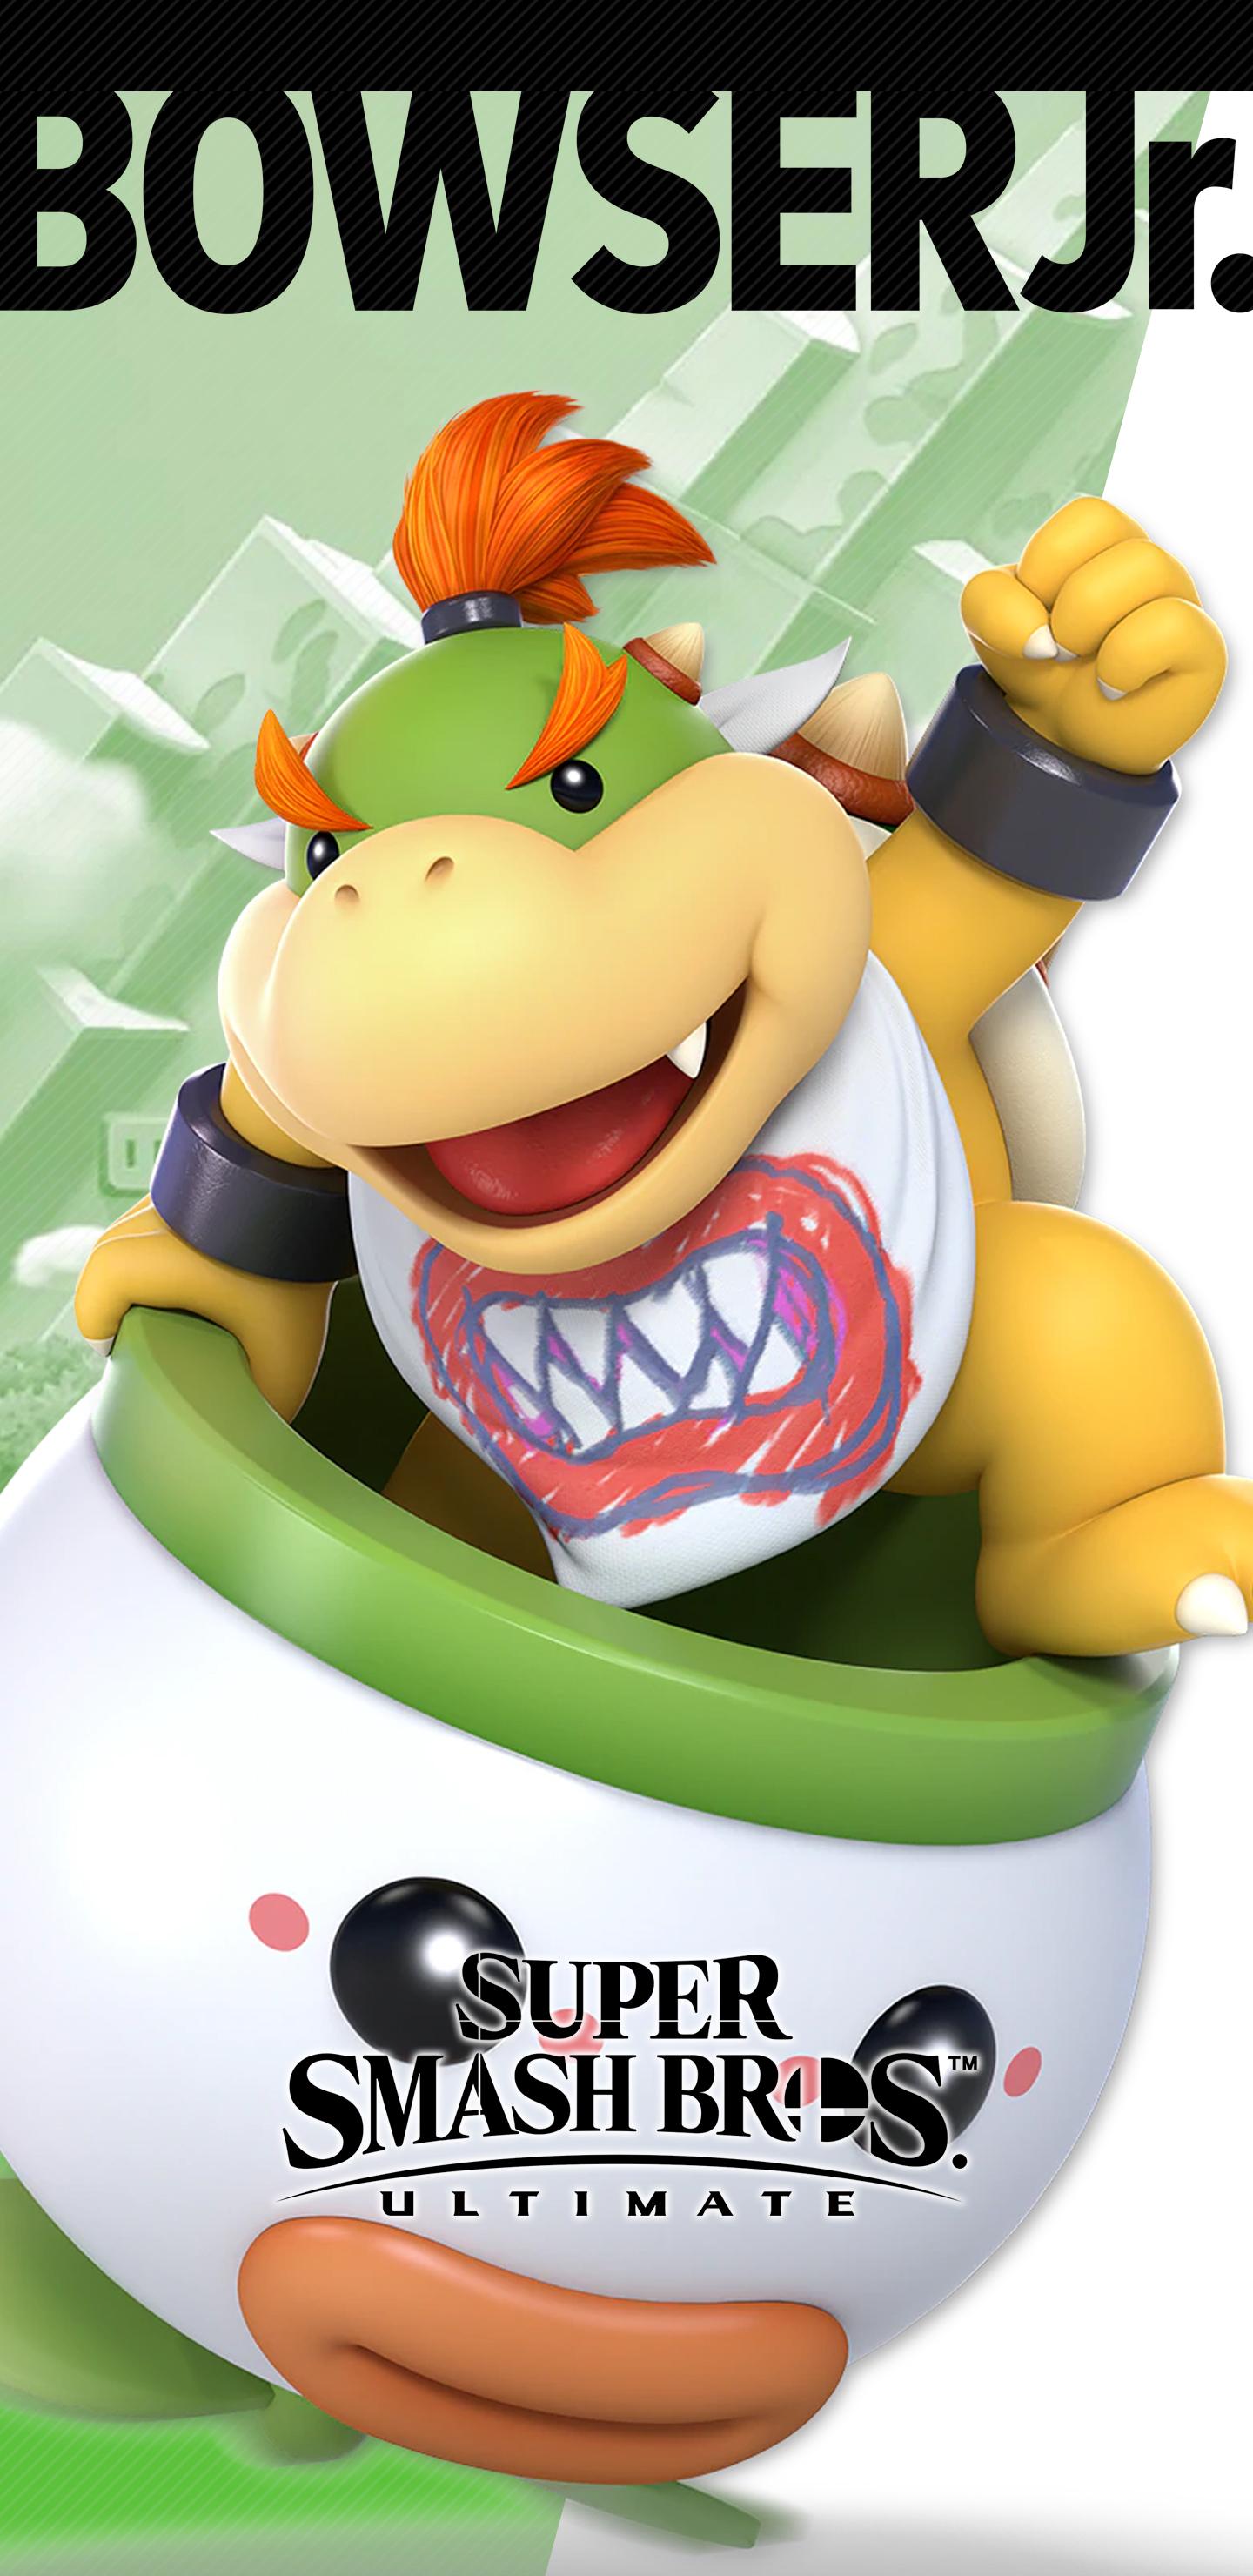 Mobile Super Smash Bros Ultimate Bowser Jr 1850303 Hd